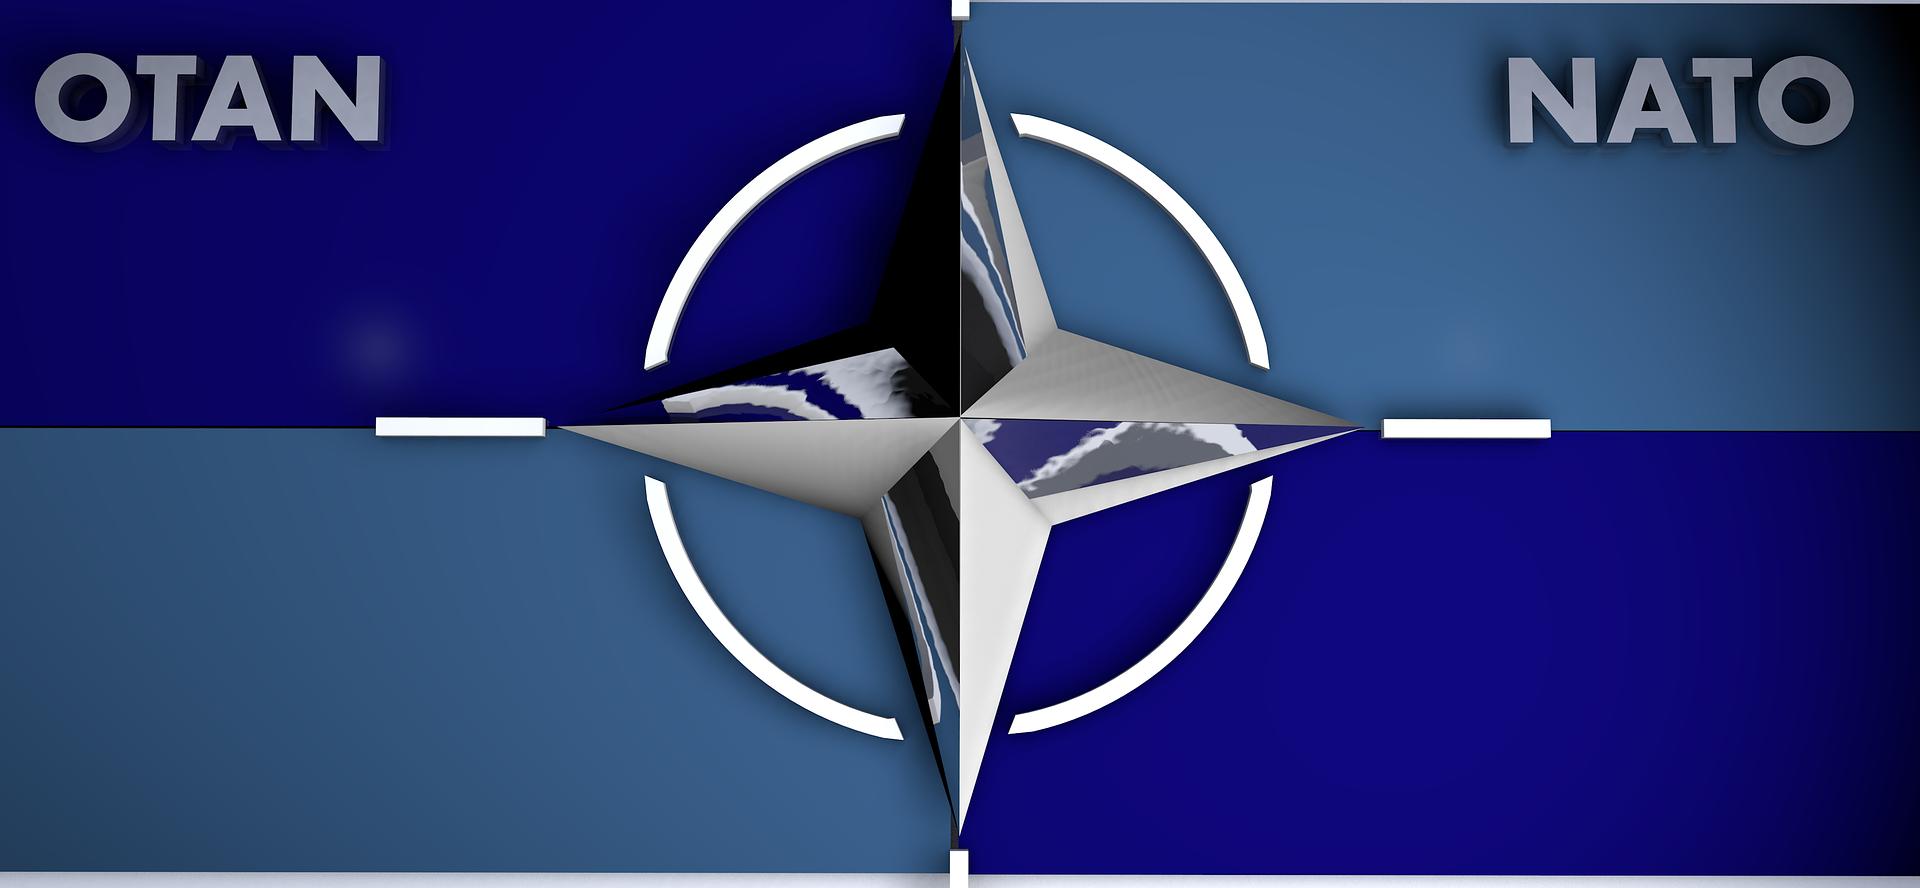 Les Etats-Unis vont développer de nouveaux missiles après la sortie du traité INF, déclare le Pentagone.